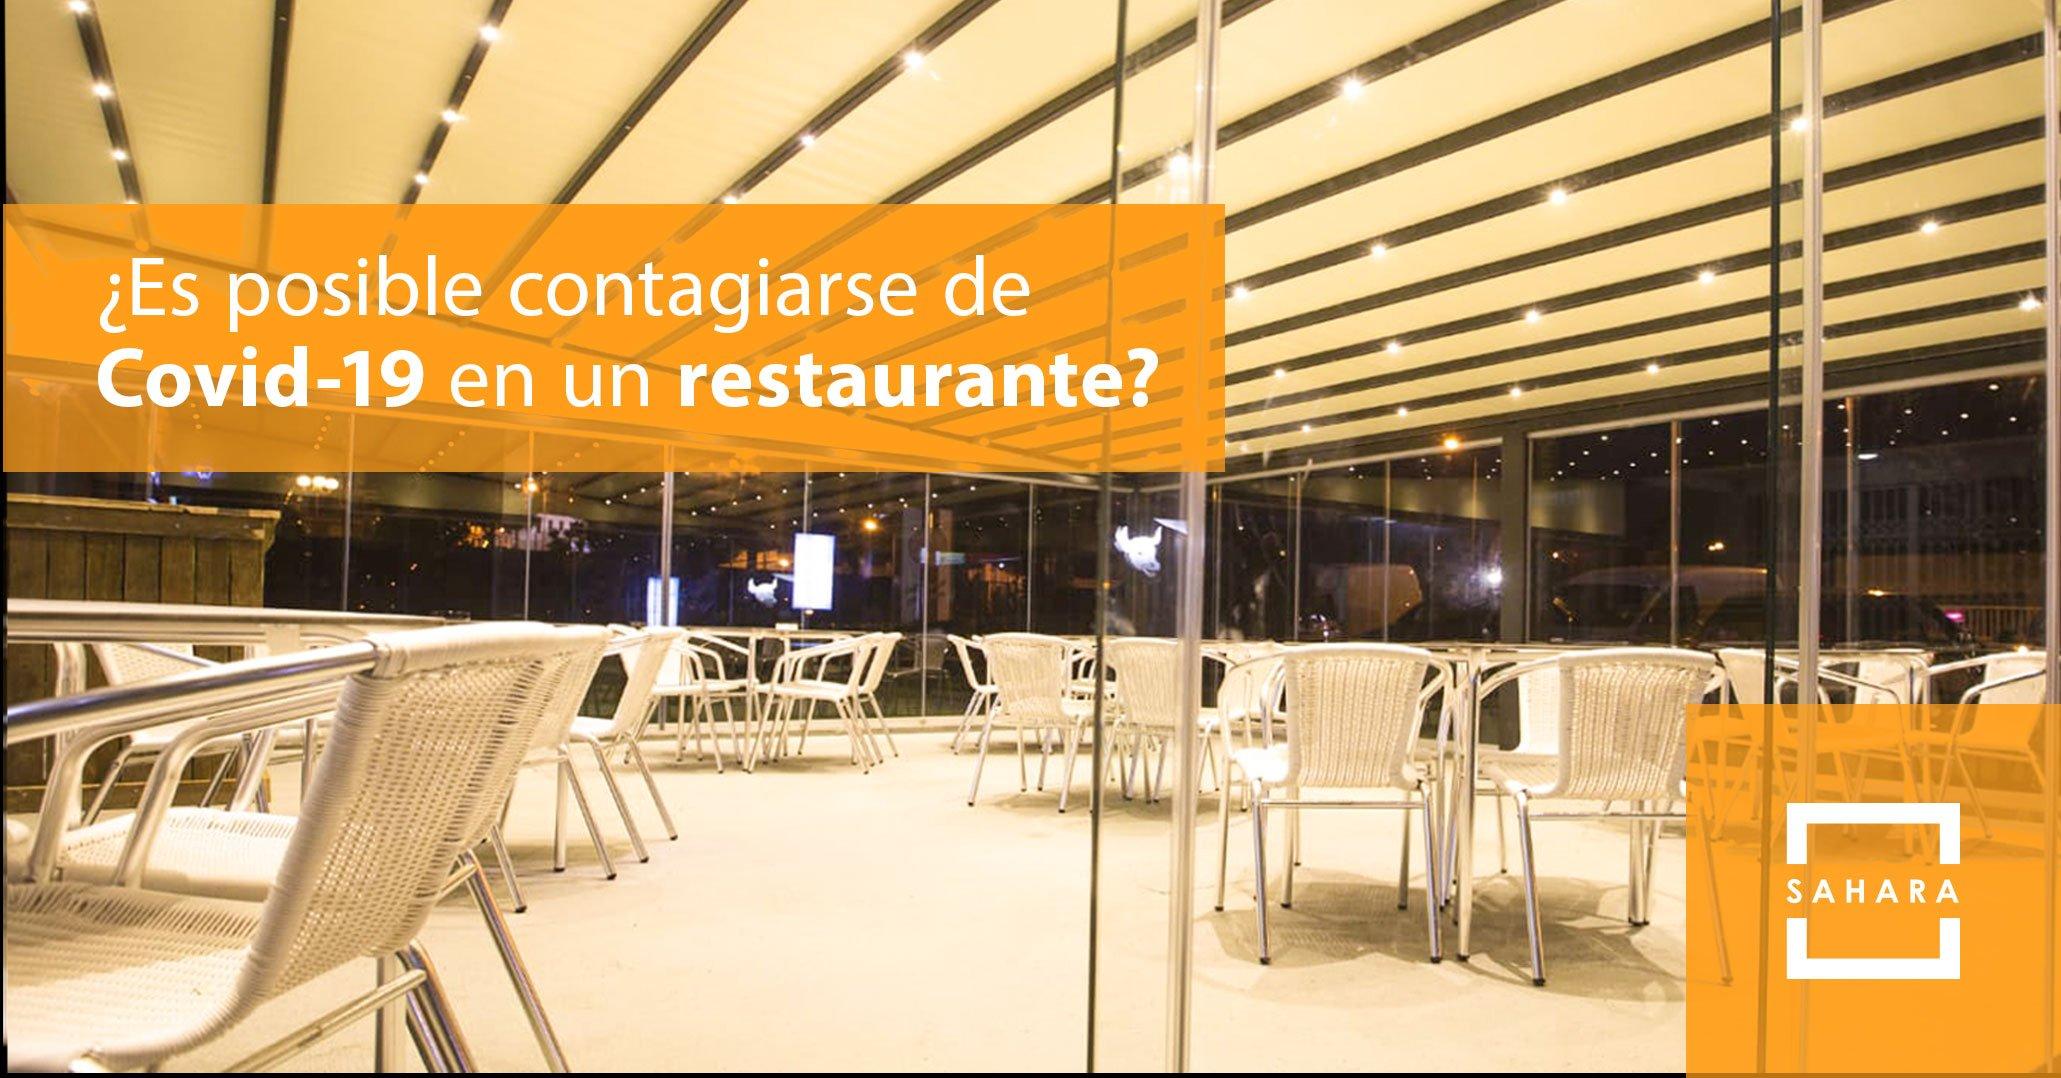 ¿Es posible contagiarse de Covid-19 en un restaurante?